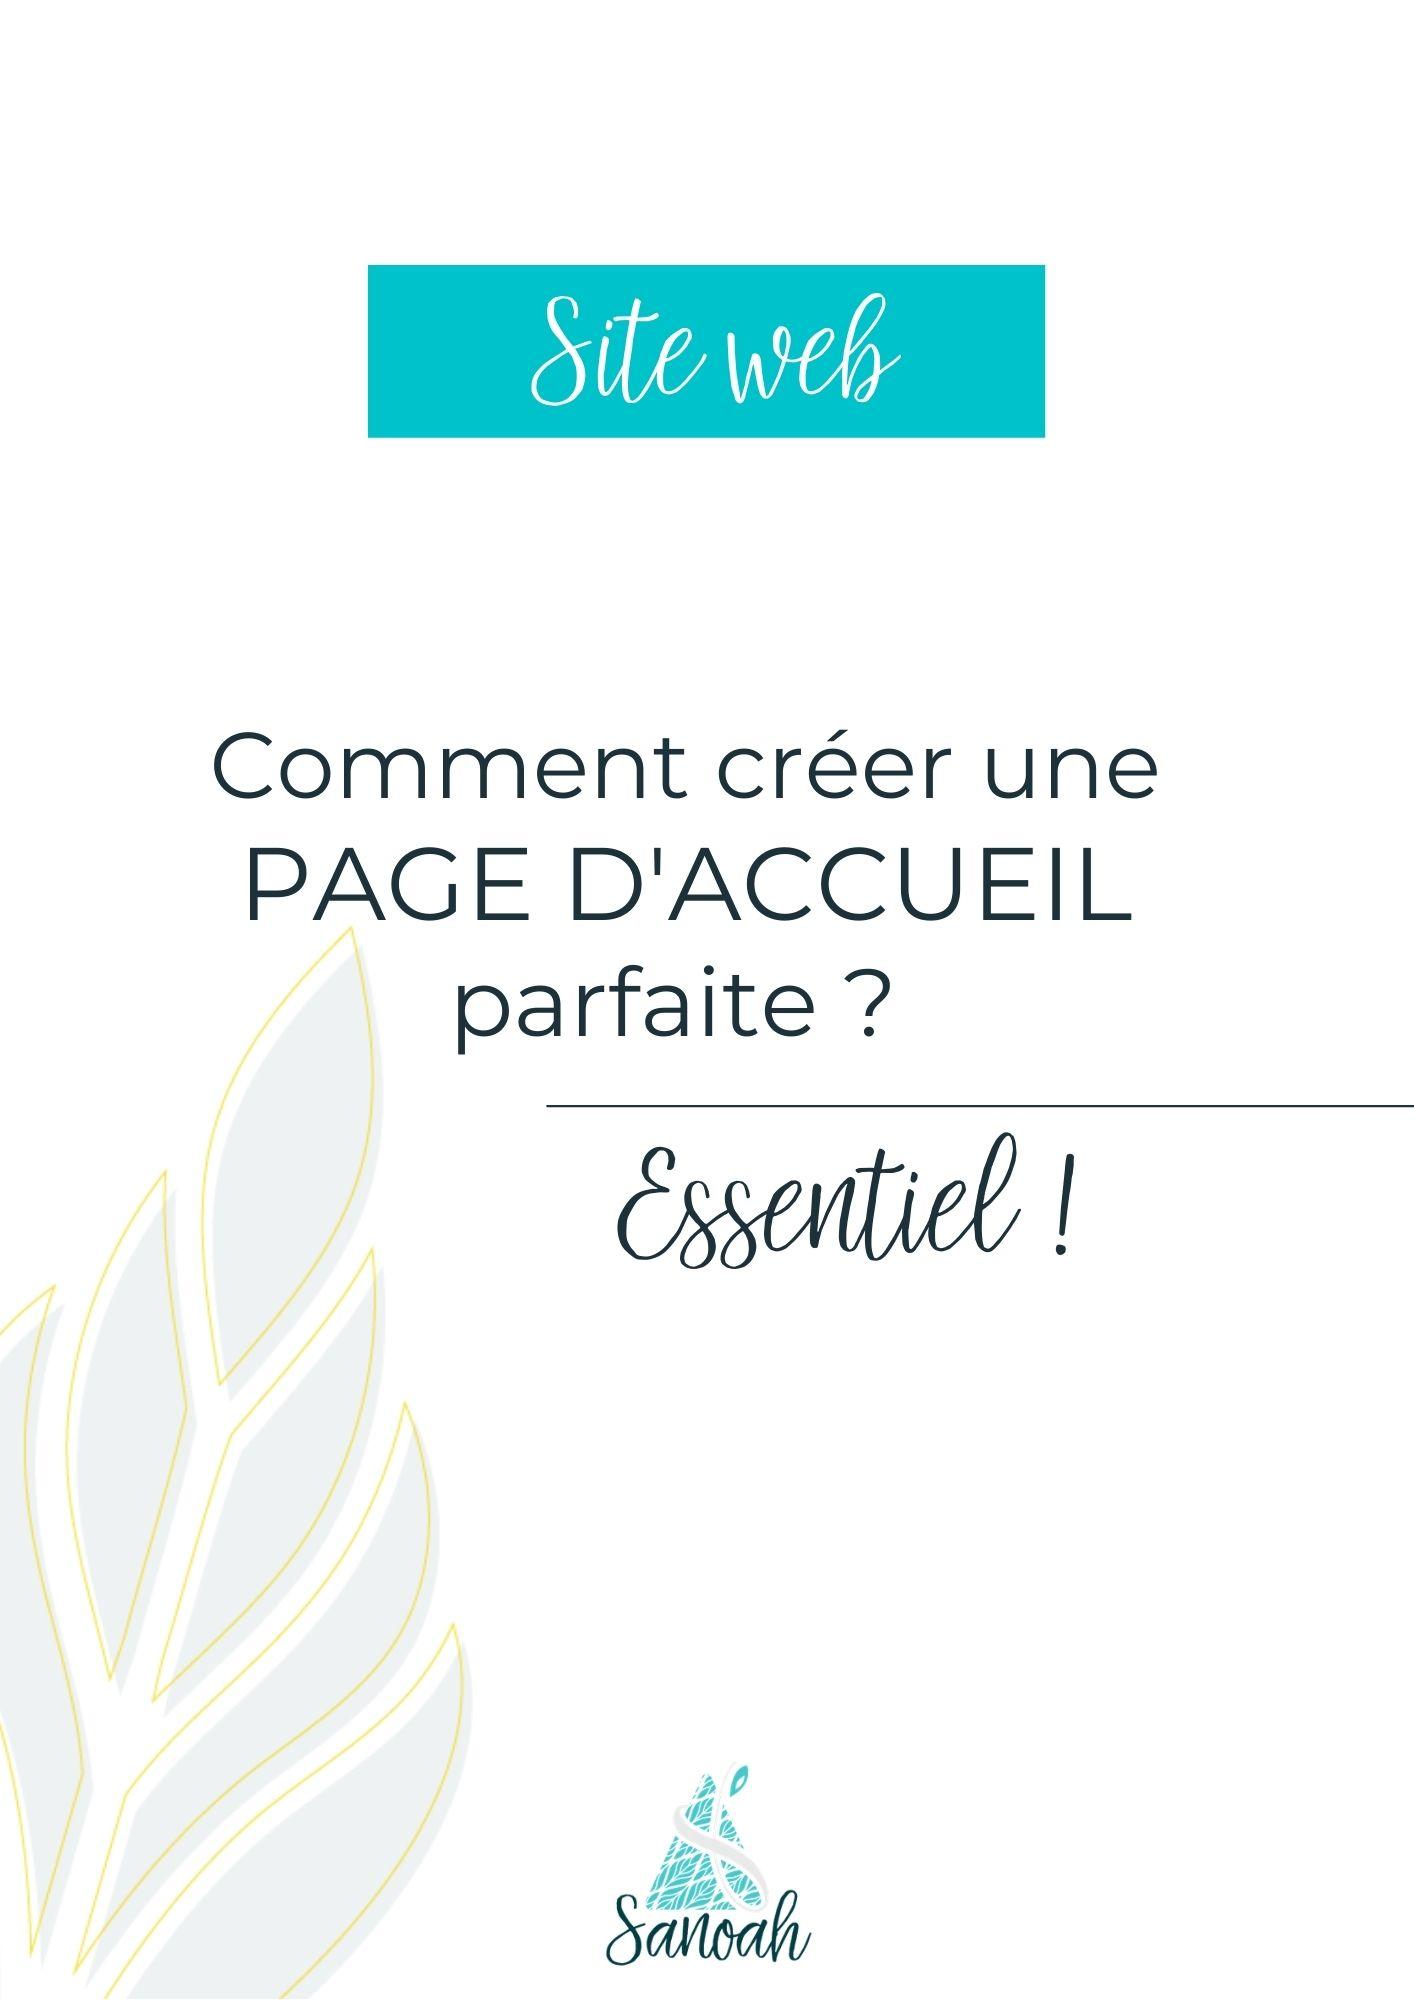 https://sanoah.fr/comment-creer-une-page-daccueil-parfaite/